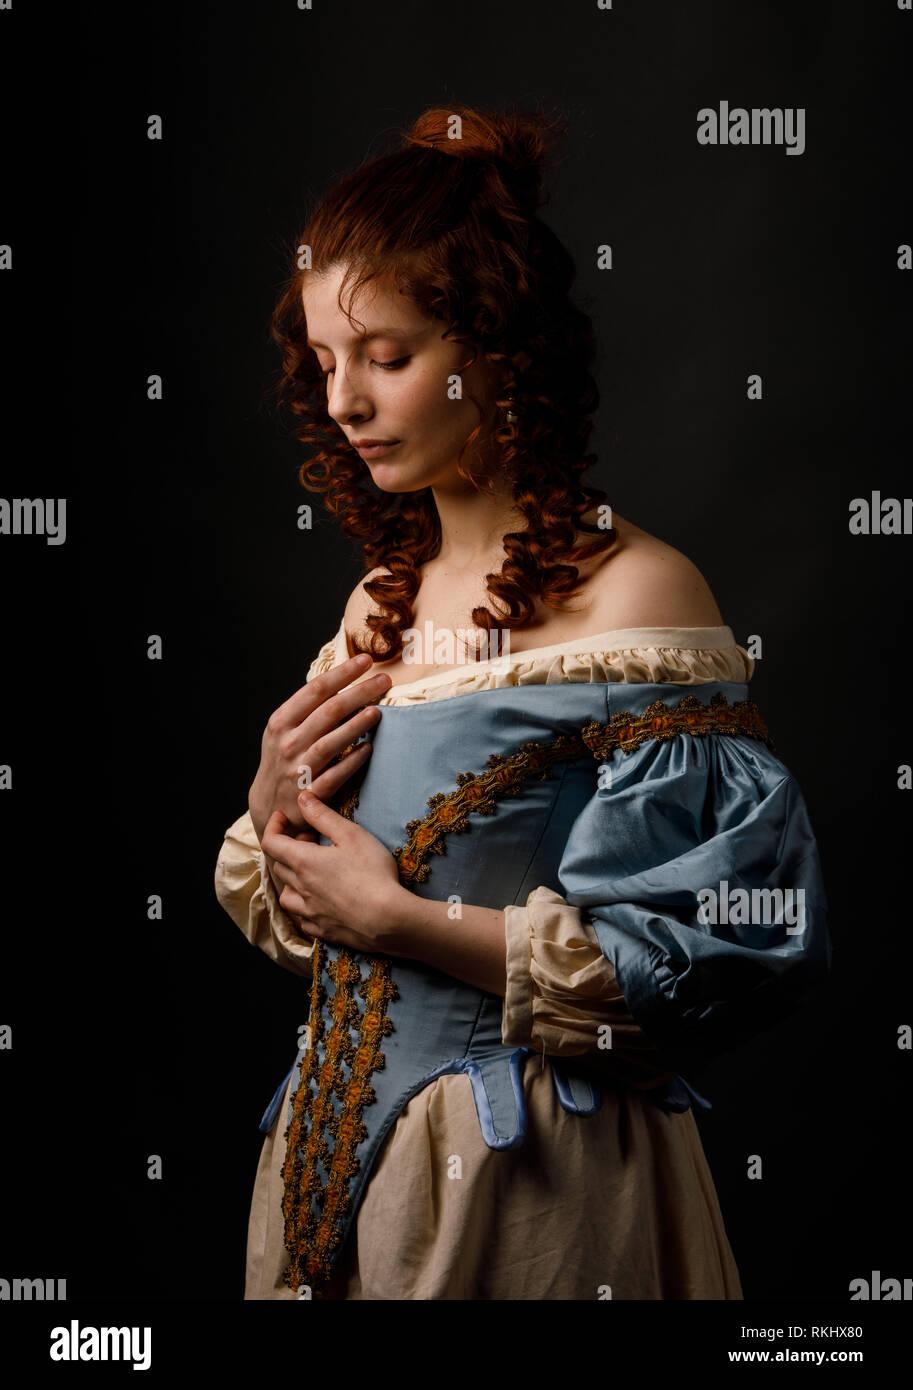 schöne frau in mittelalterliche kleidung stockfotografie - alamy